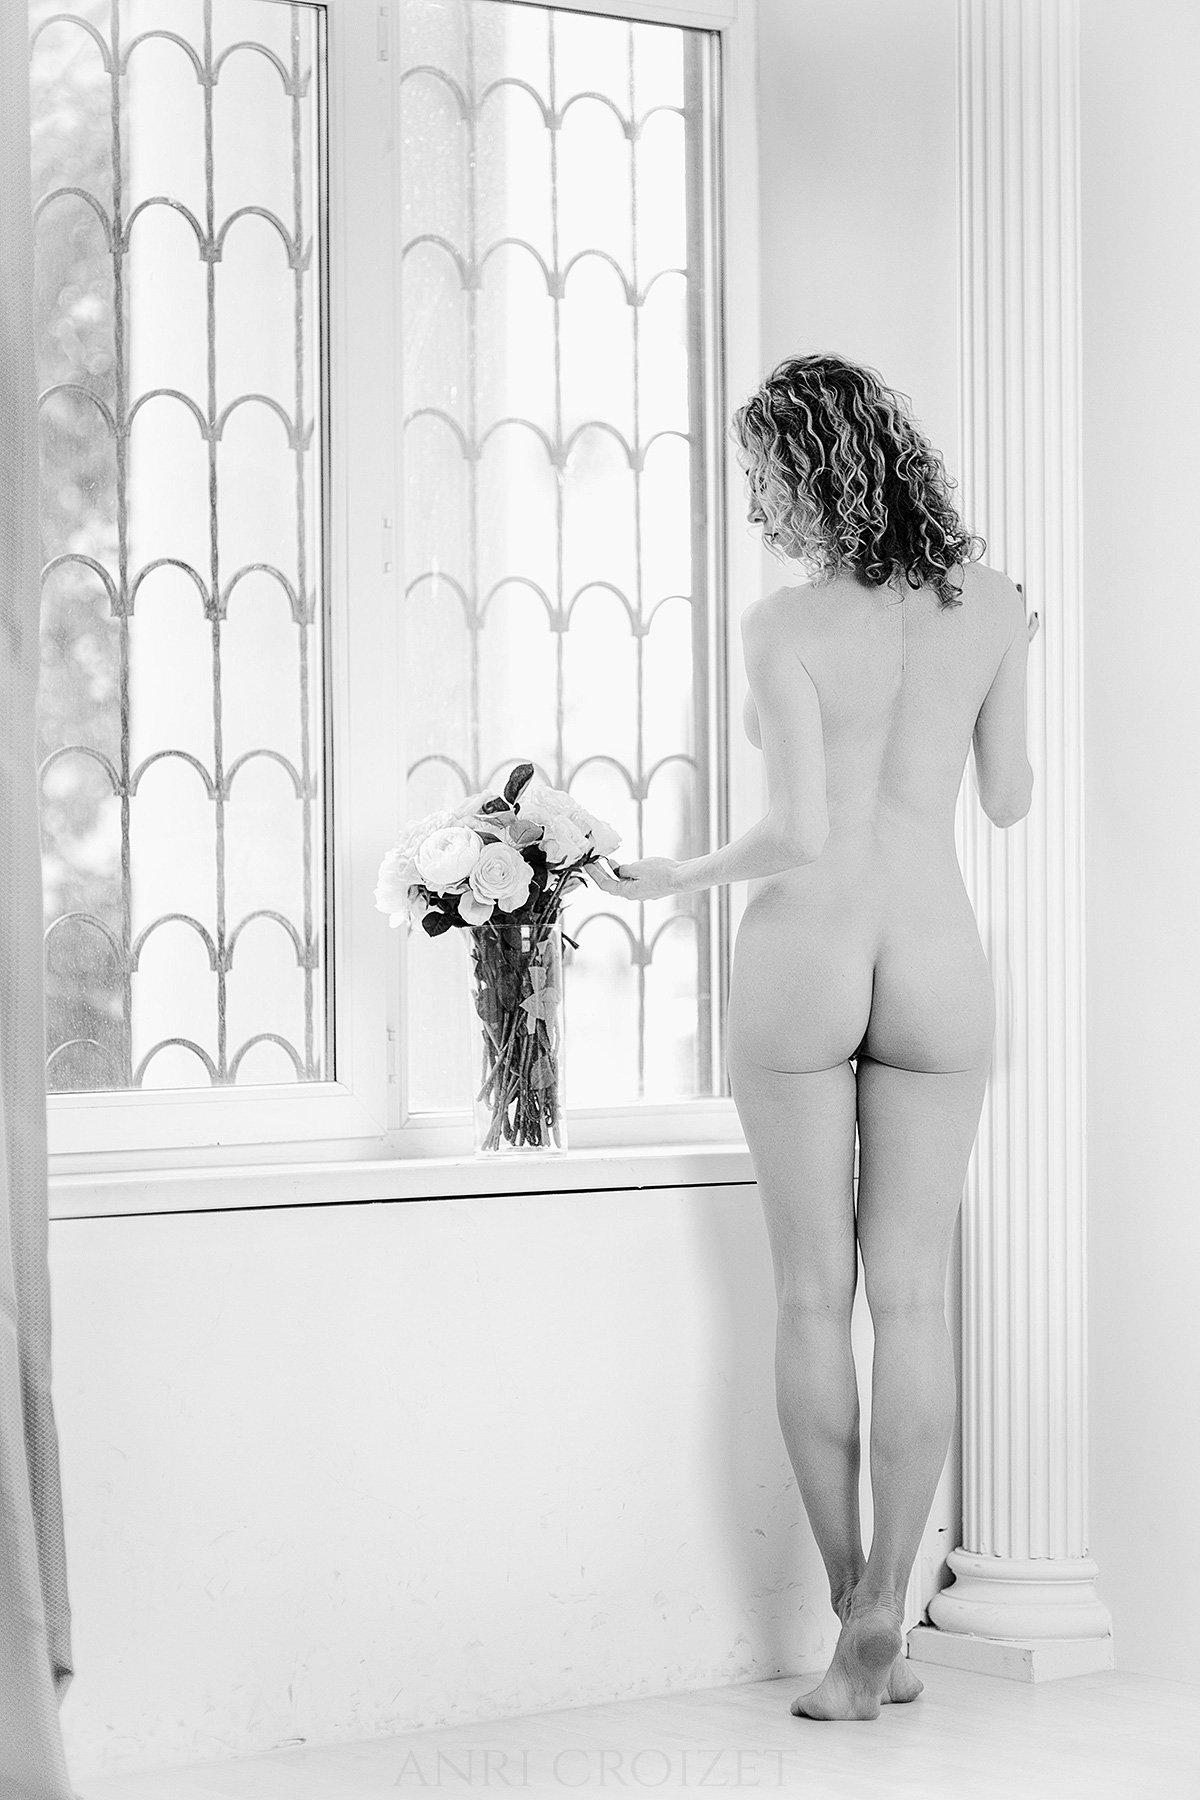 ню, портрет, чб, гламур, утро, новый год, Анри Круазе